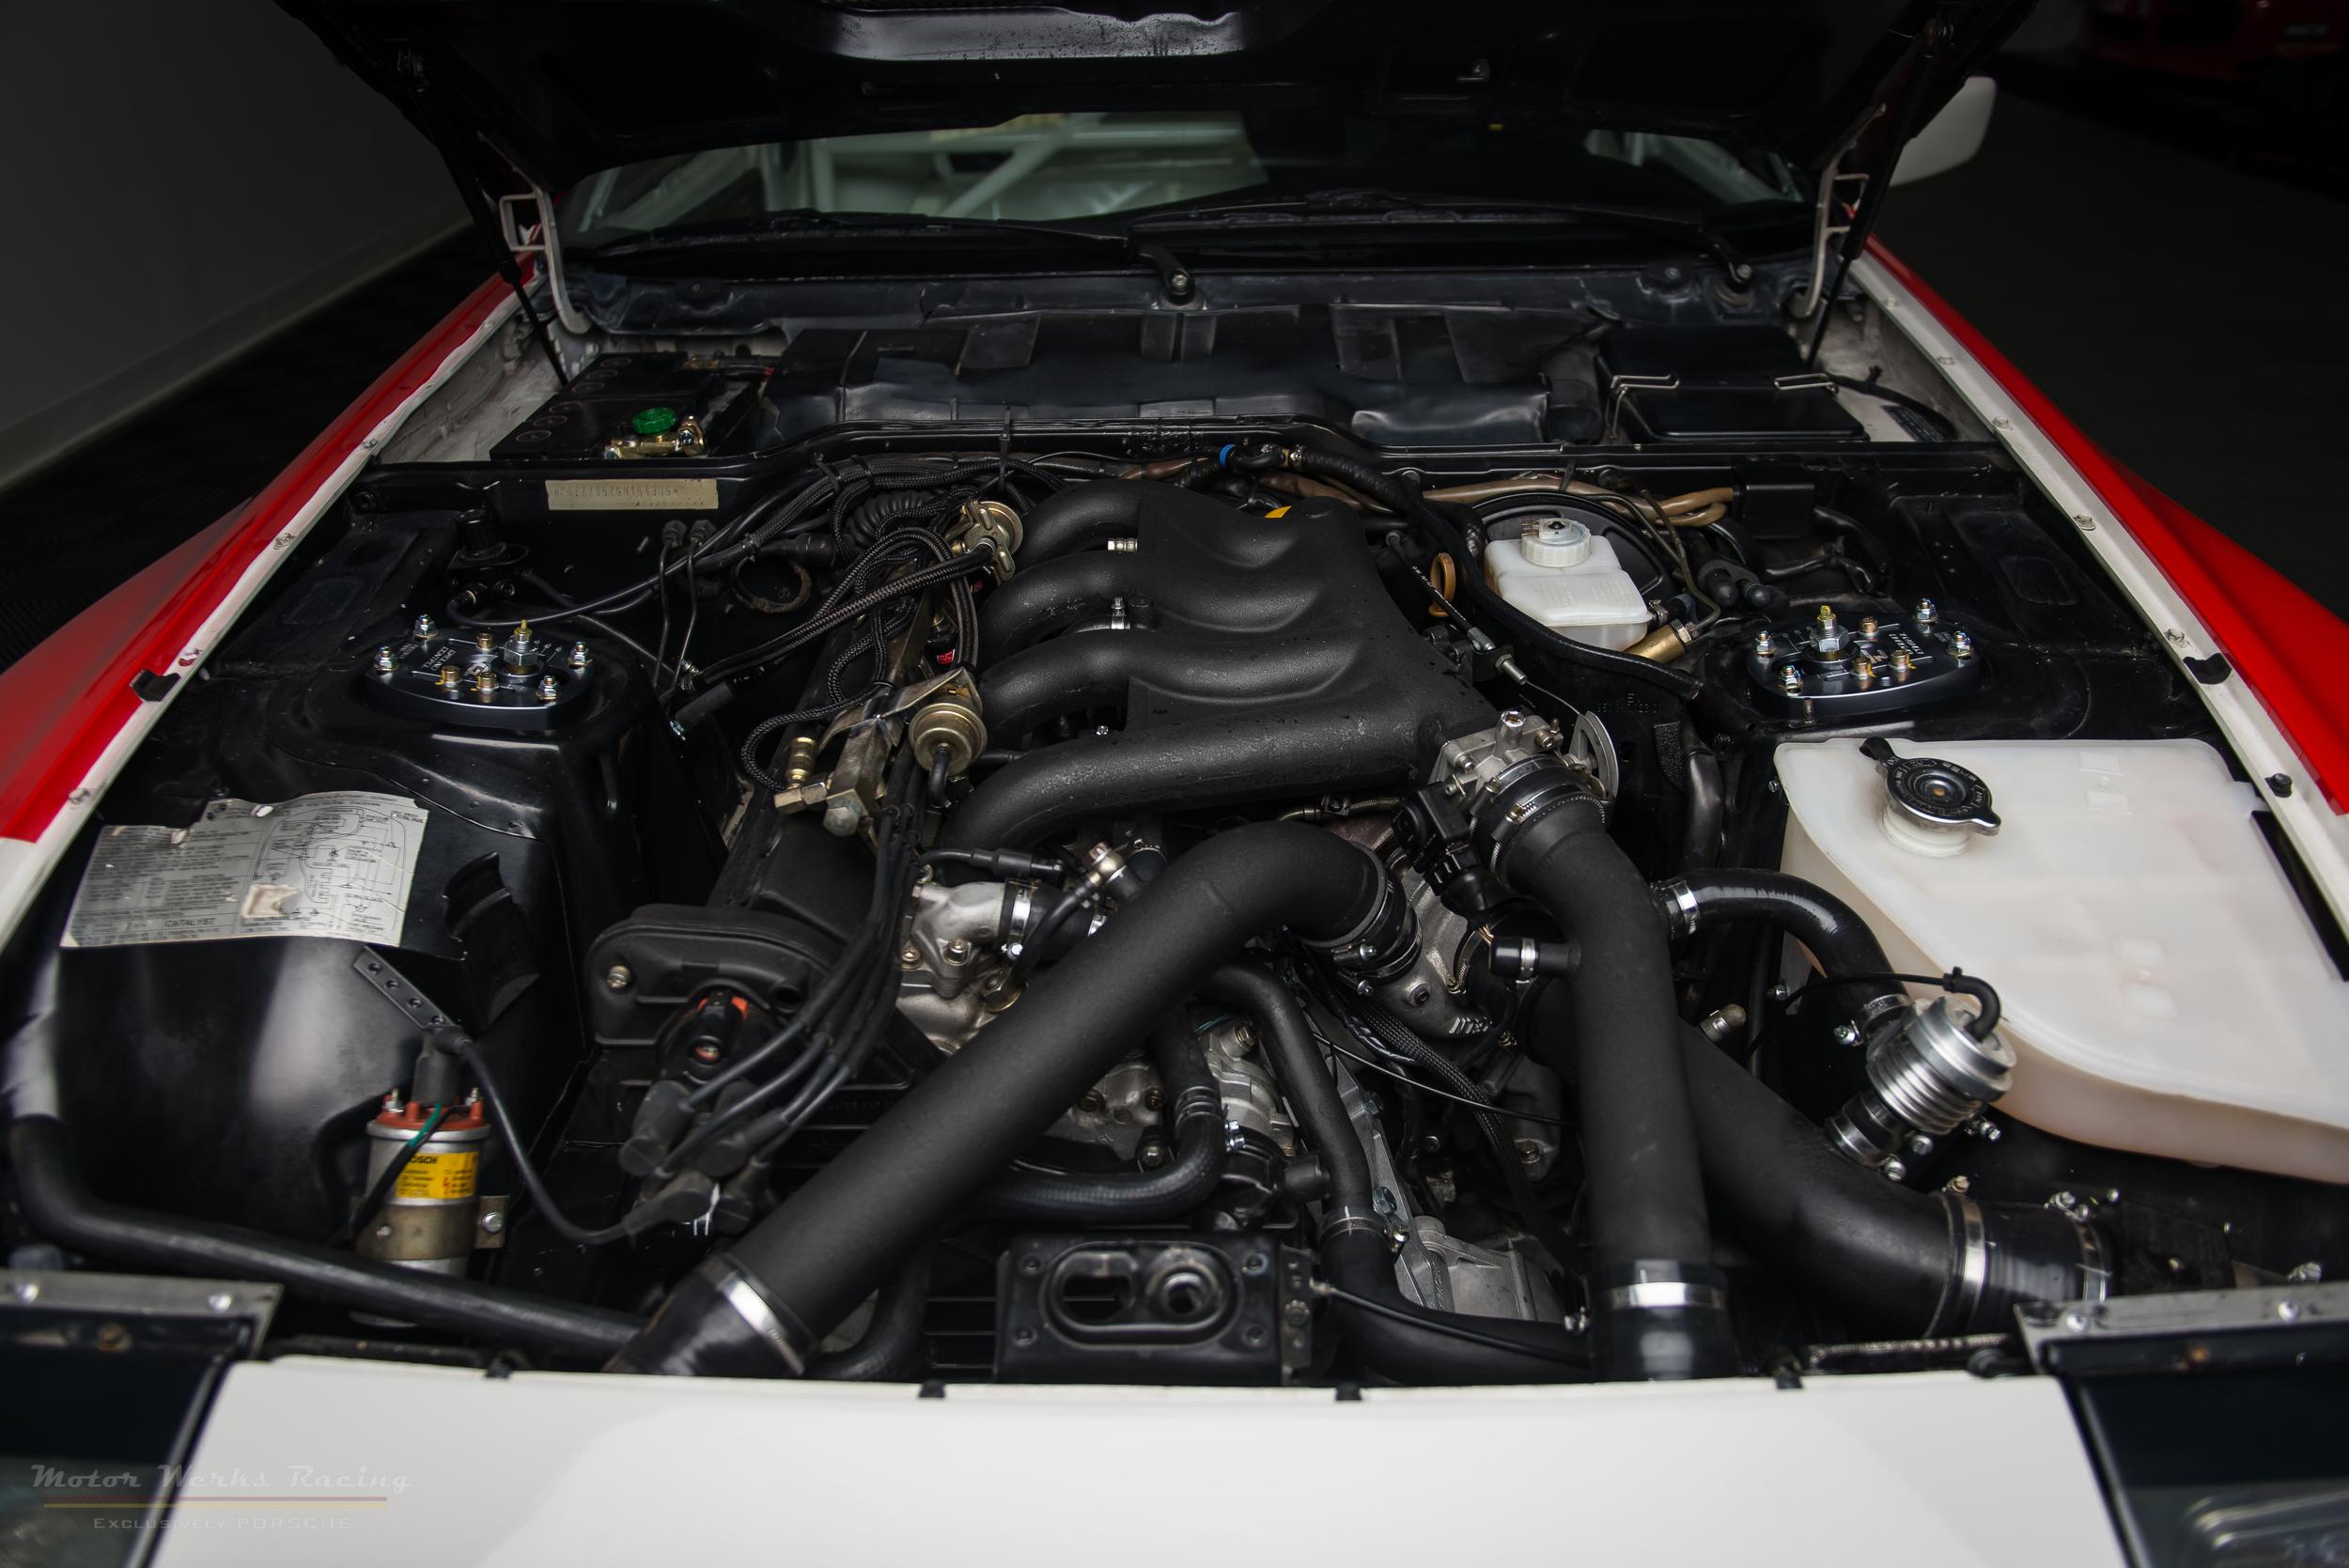 Porsche 944 Turbo Race Built Engine